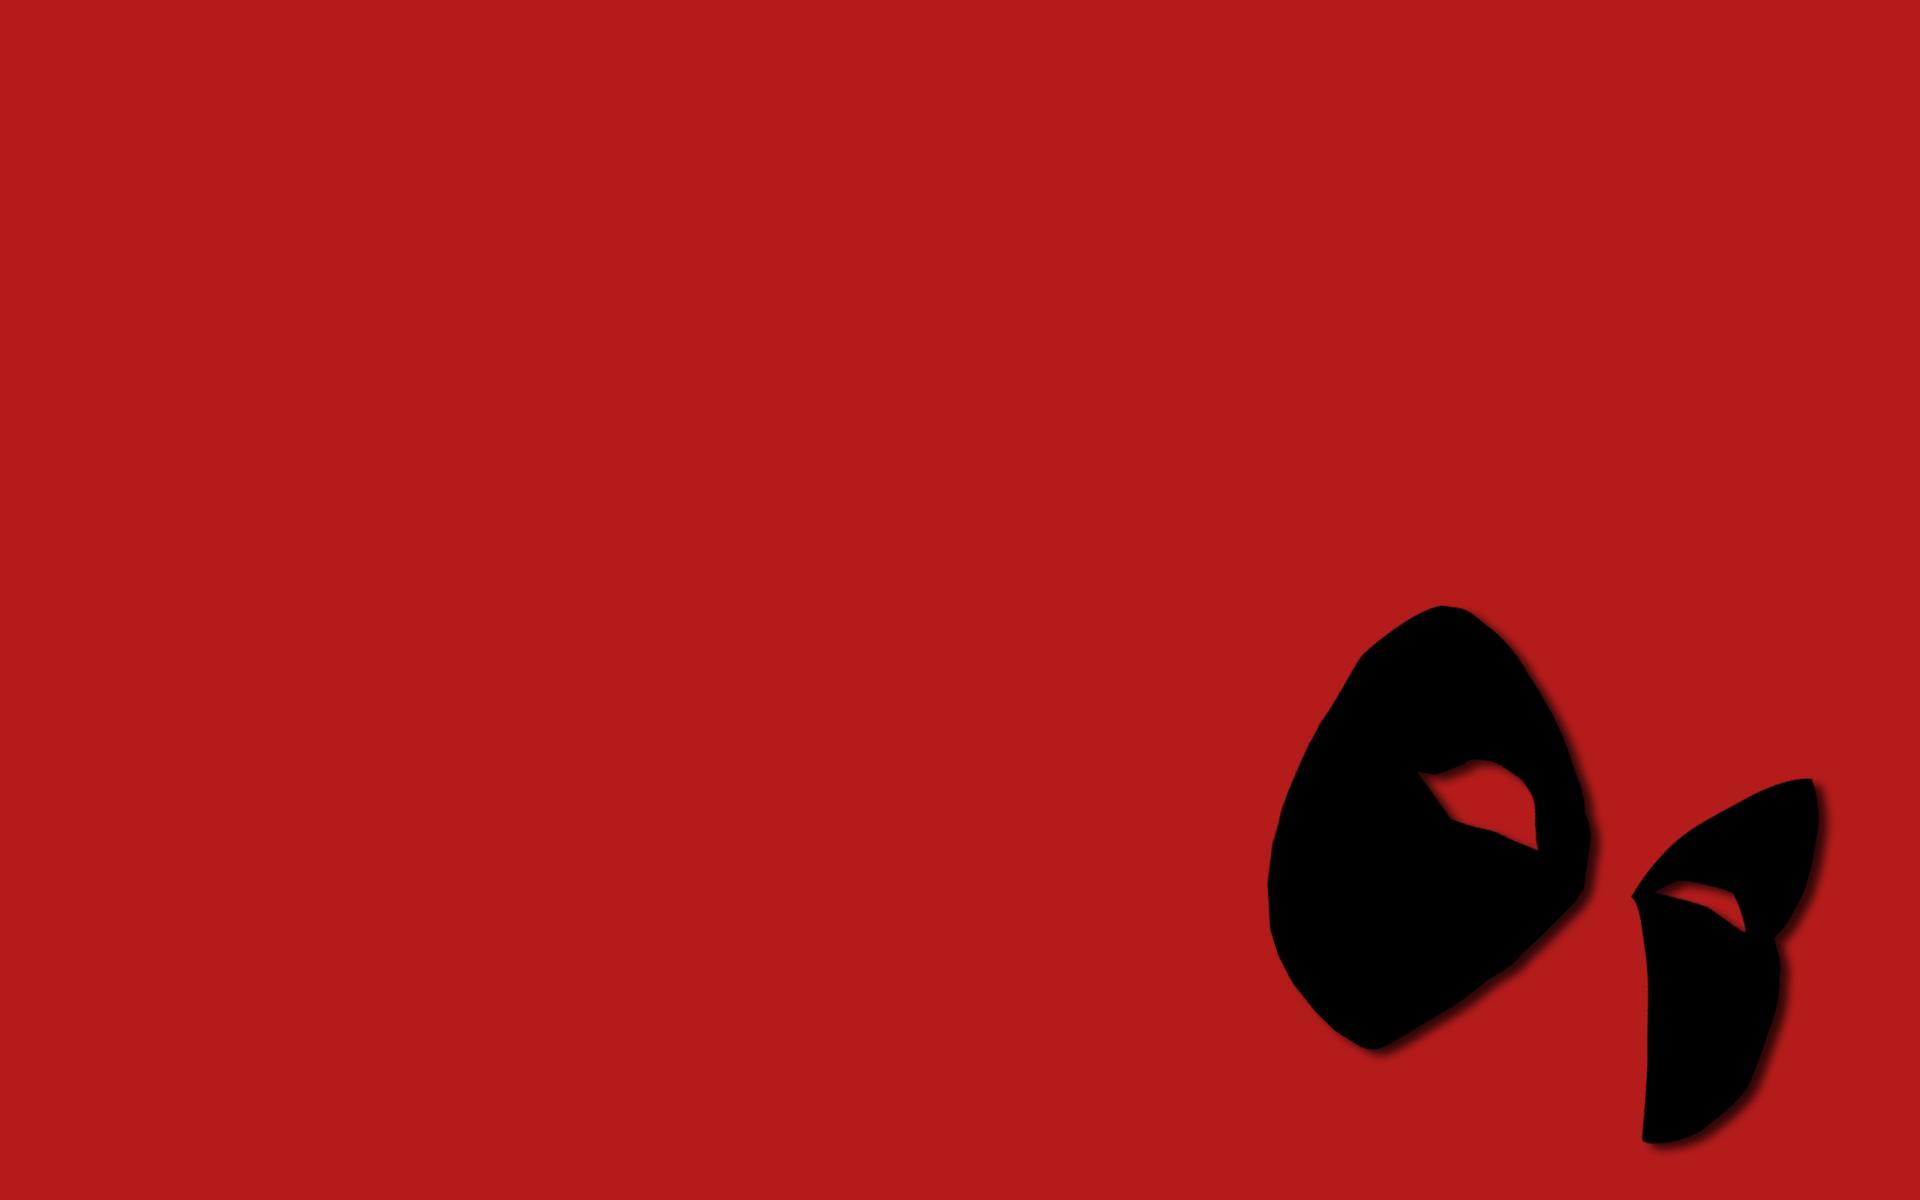 Great Wallpaper Logo Deadpool - da9b004b3176f11332dd3d4e32bfb9f3  2018_59670.png